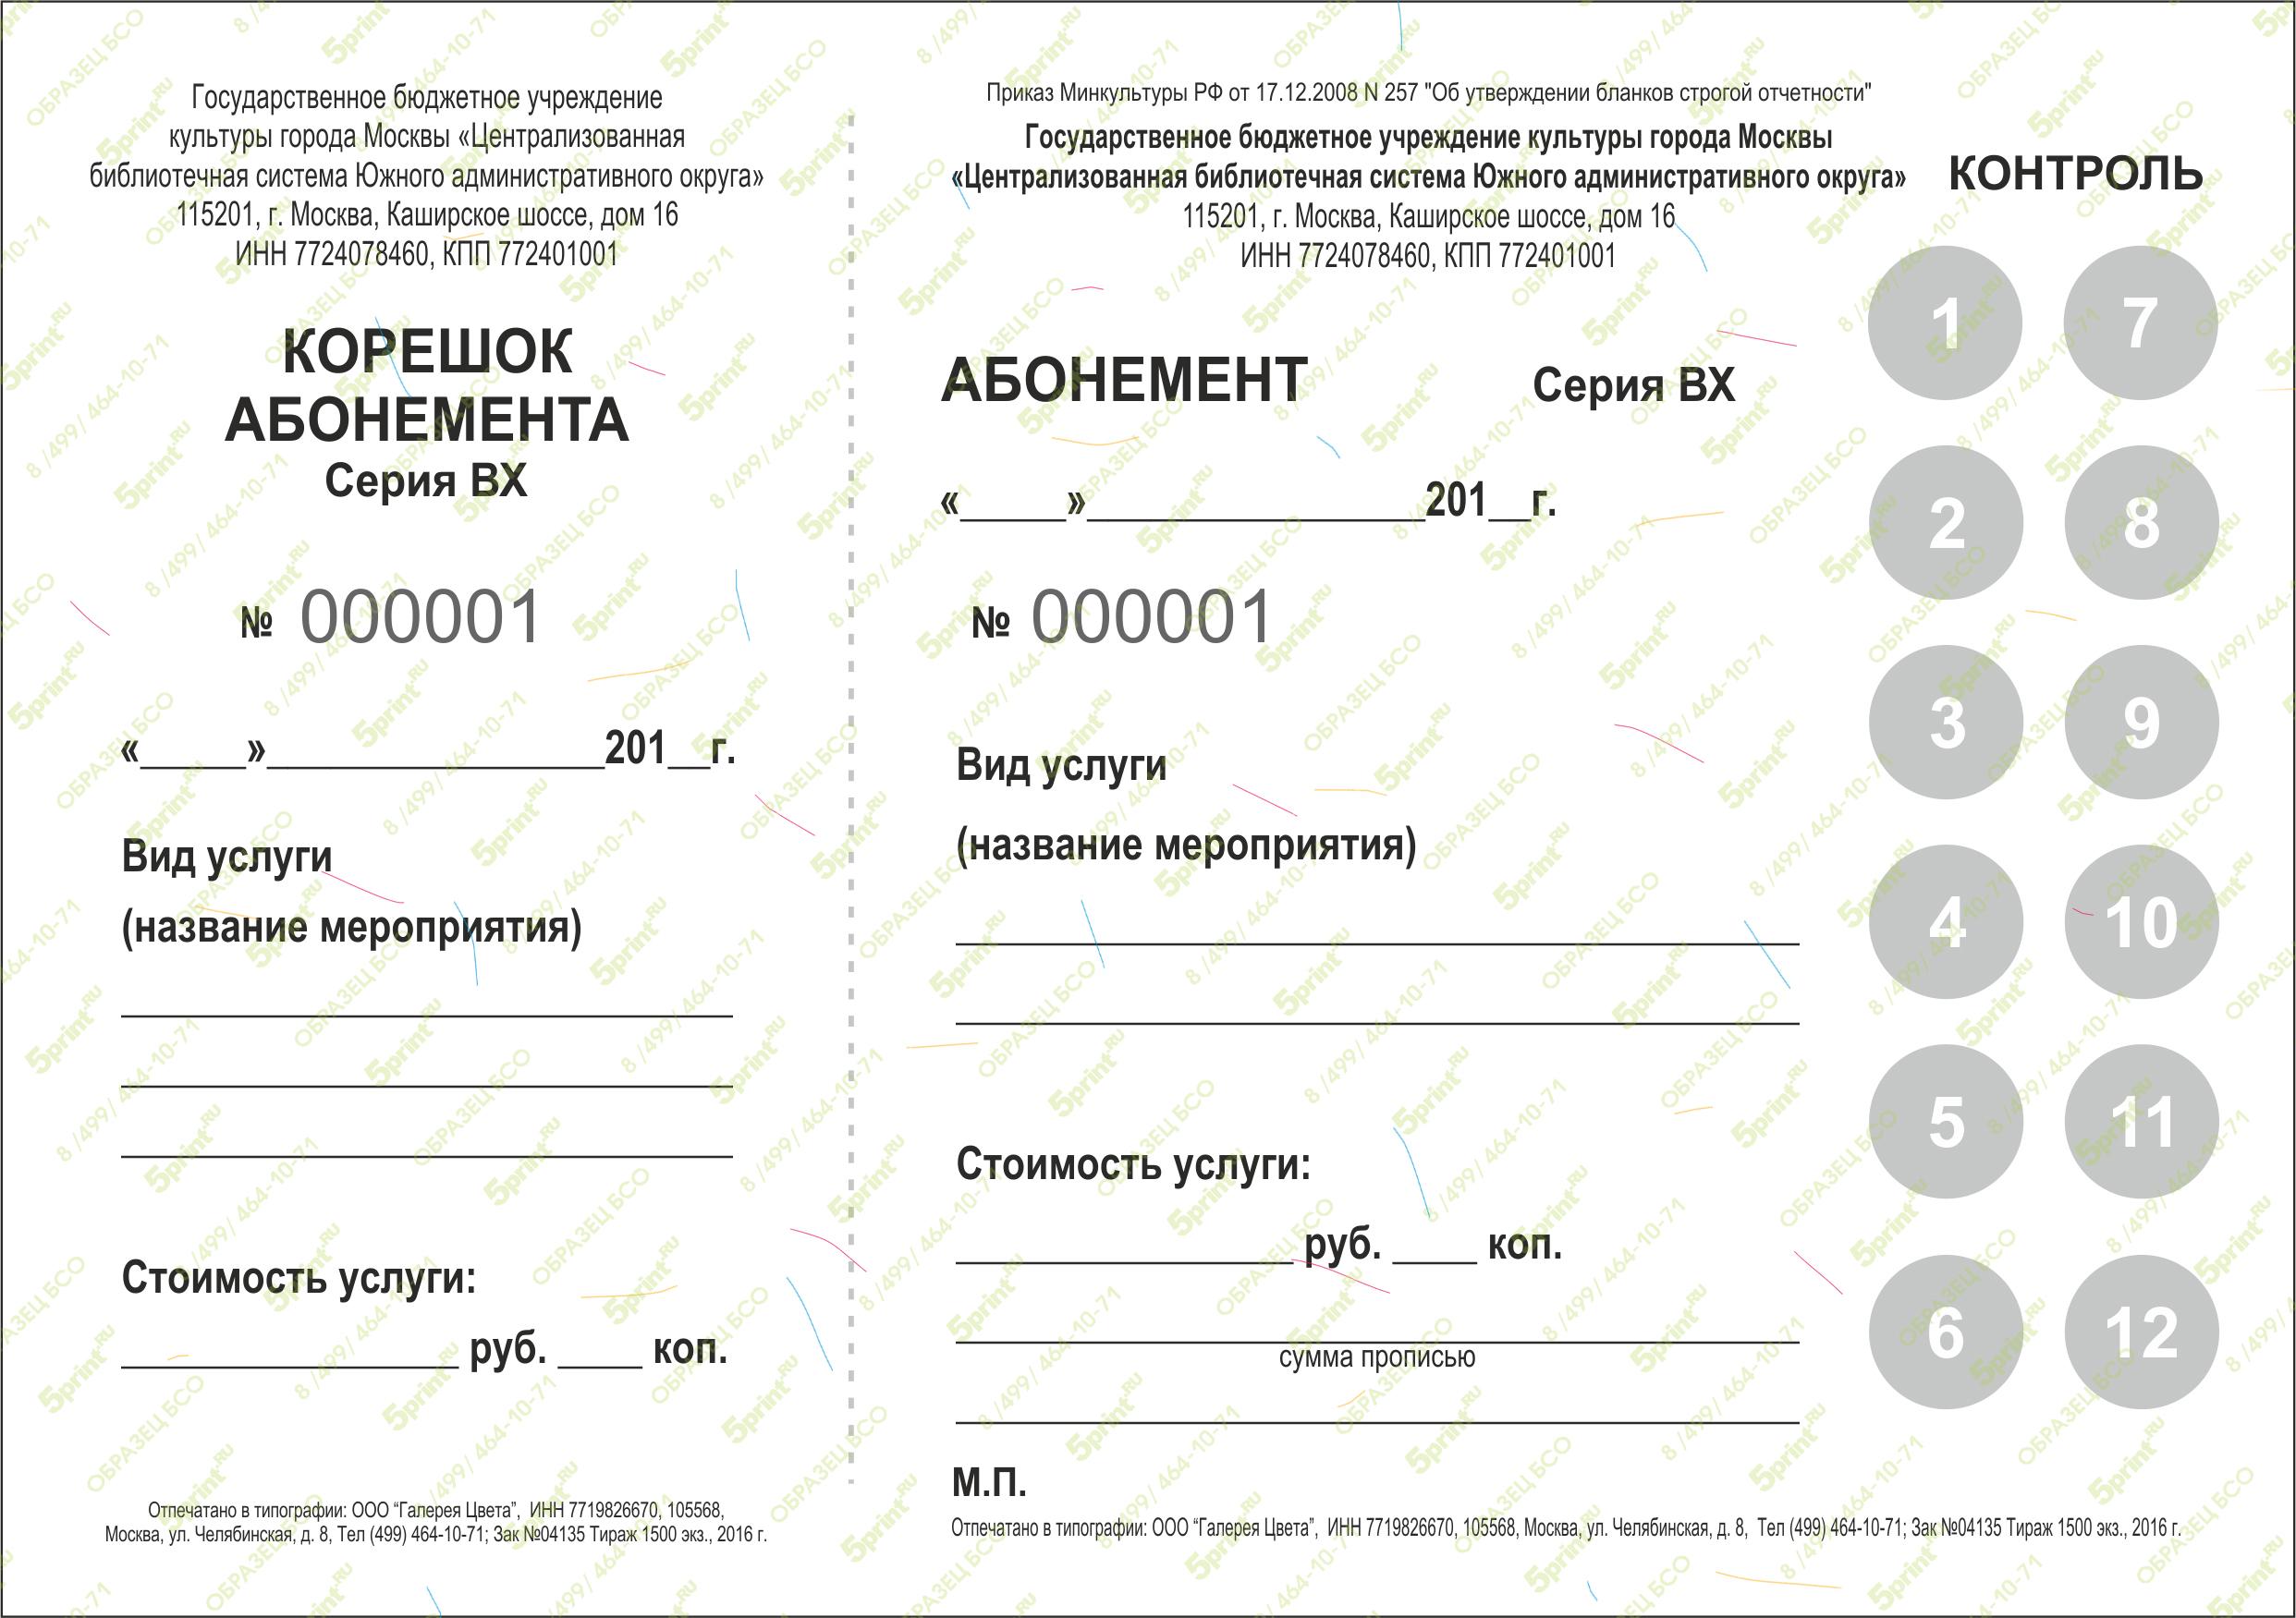 Бланки для бюджетных организаций Бланки строгой отчетности (БСО) Заказать по выгодной цене в Москве